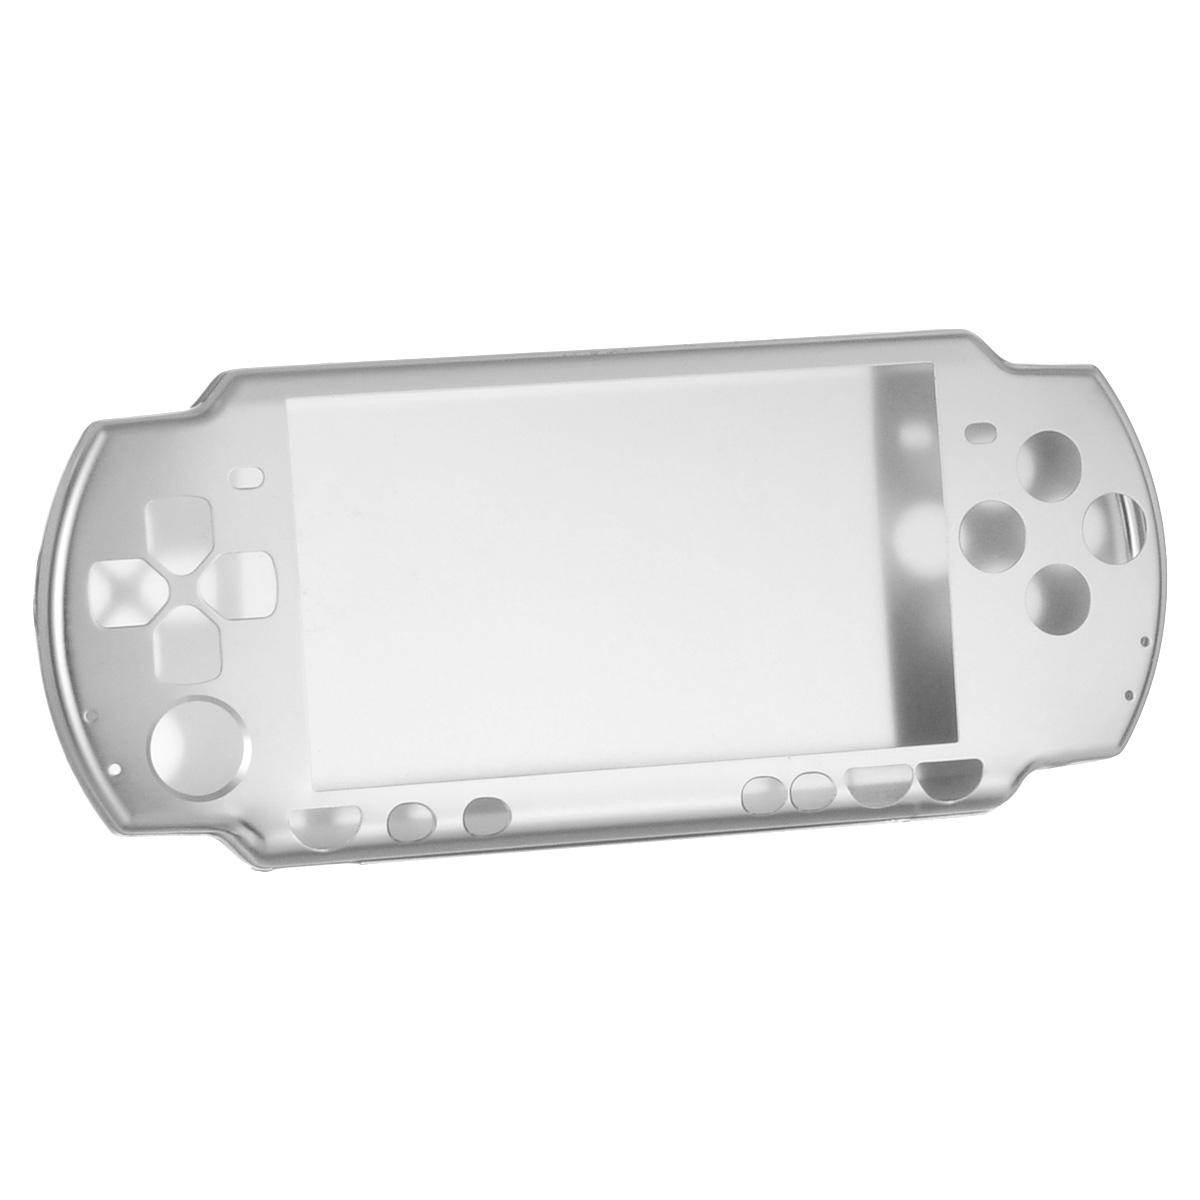 Алюминиевый защитный корпус Game Guru для Sony PSP 2000/3000 (серебряный) чехольчик ремешок game guru для sony psp 2000 3000 золотой